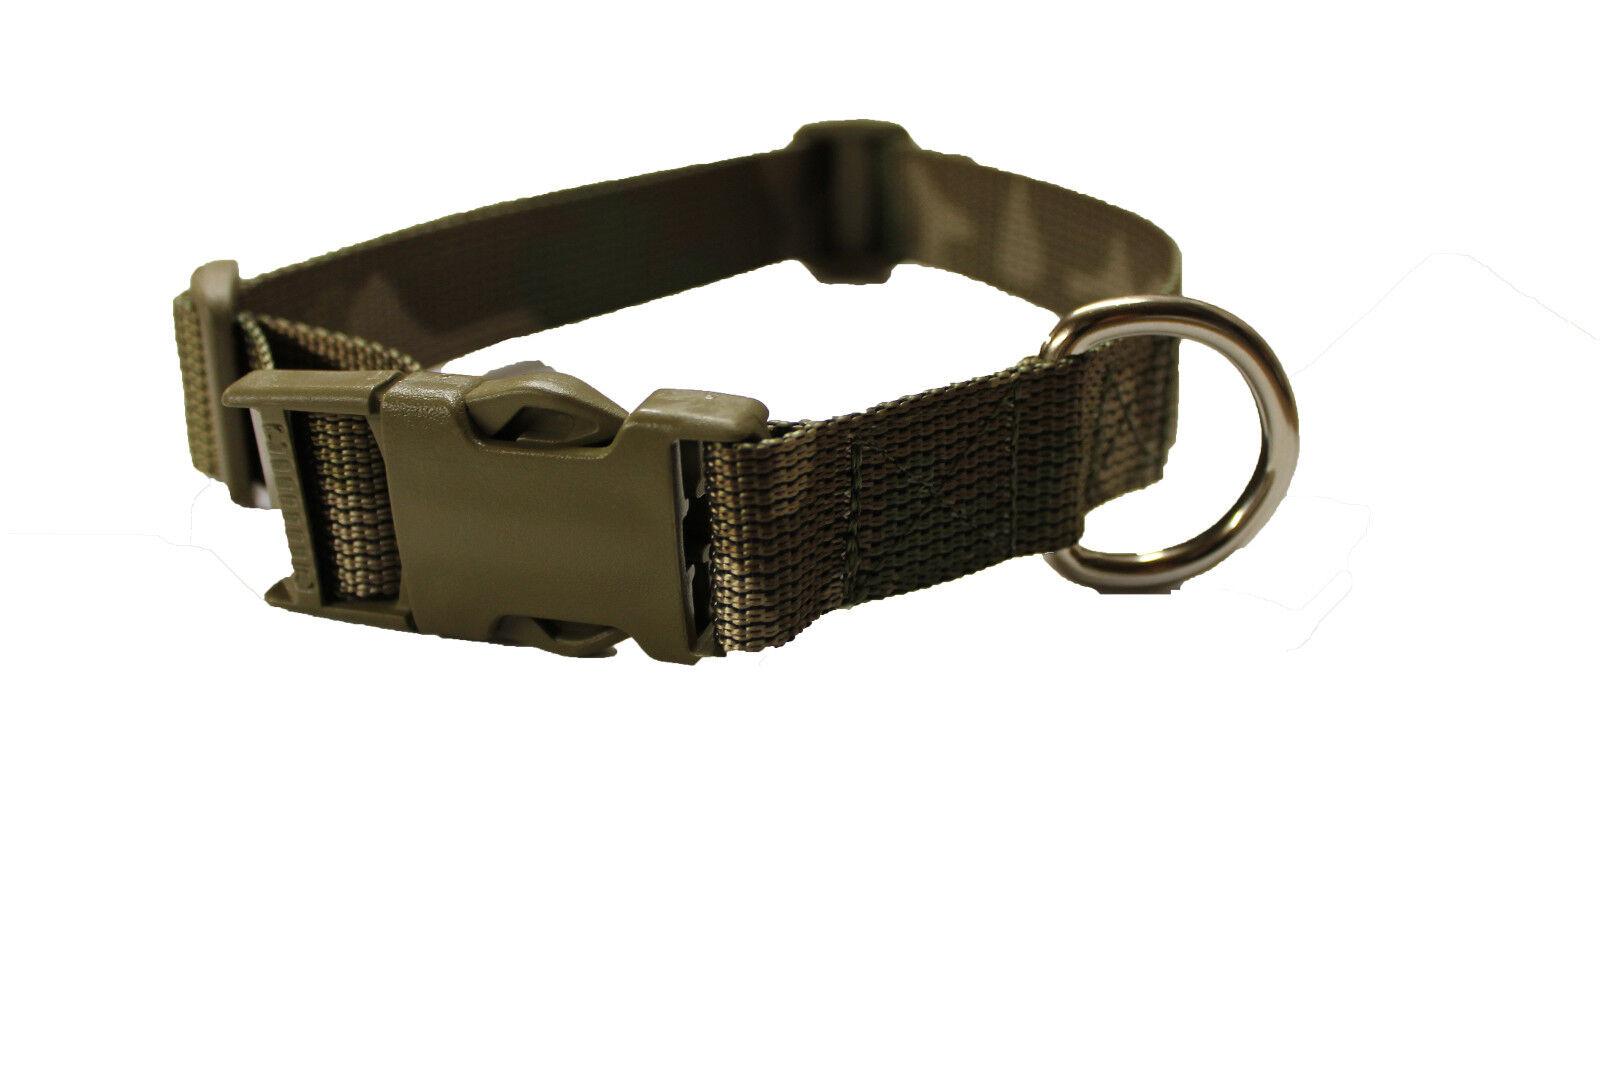 Combinaison Canine 'Combinaison' 25mm ITW NEXUS NEXUS NEXUS PLASTIQUE FERMETURE Dog col - 41d6a7